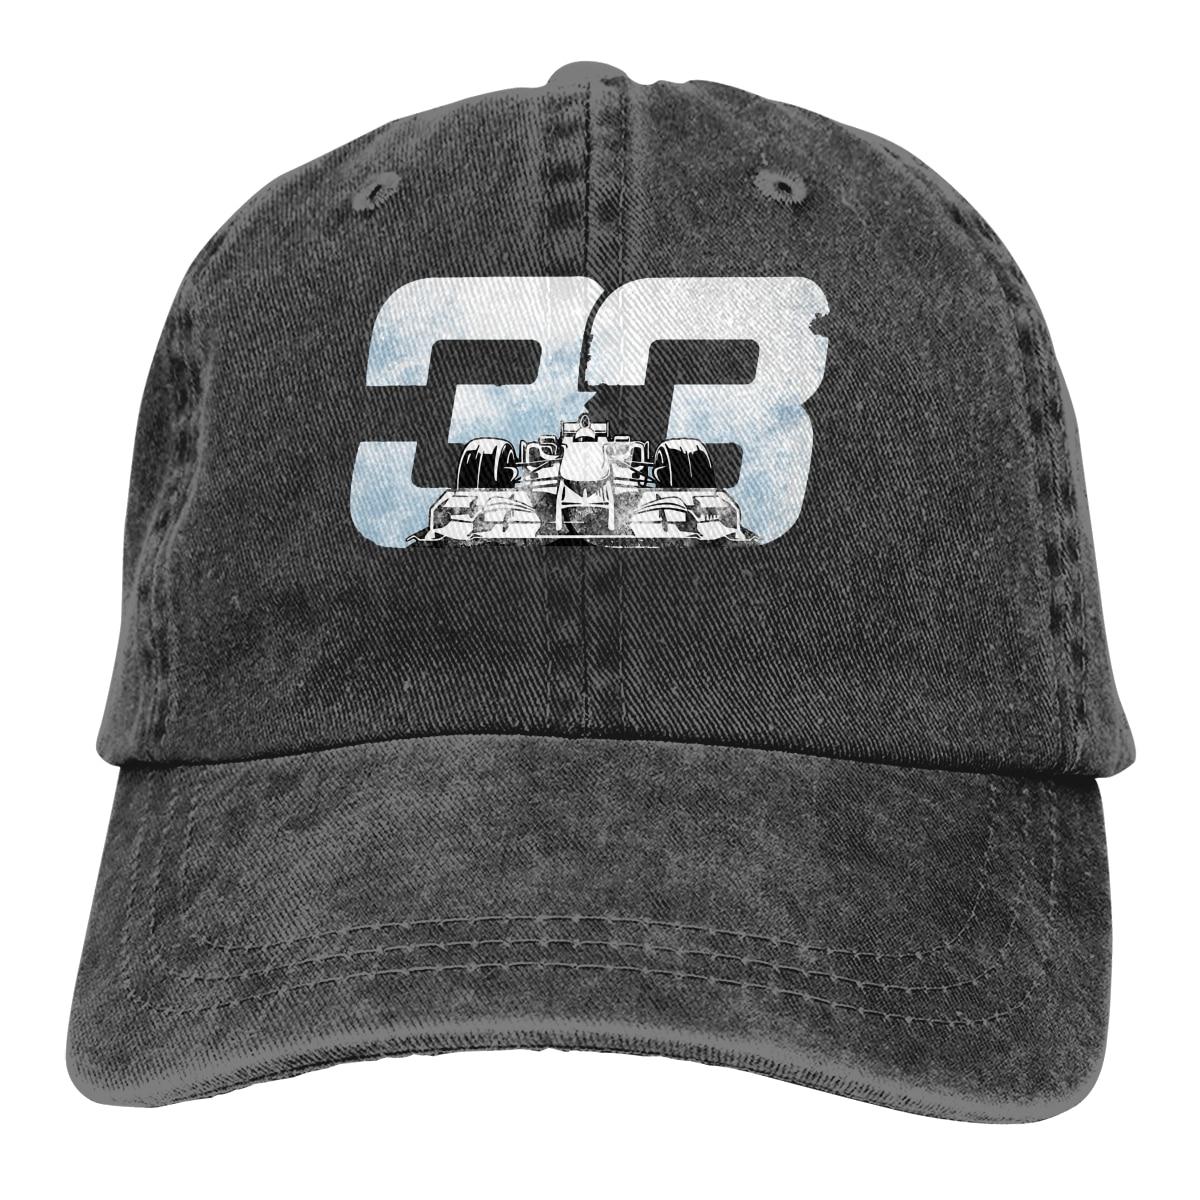 Max Verstappen F1 бейсболка с изображением героев мультфильма Мужская Формула 1 F1 кепки цветные женские мужские летние Снэпбэк кепки